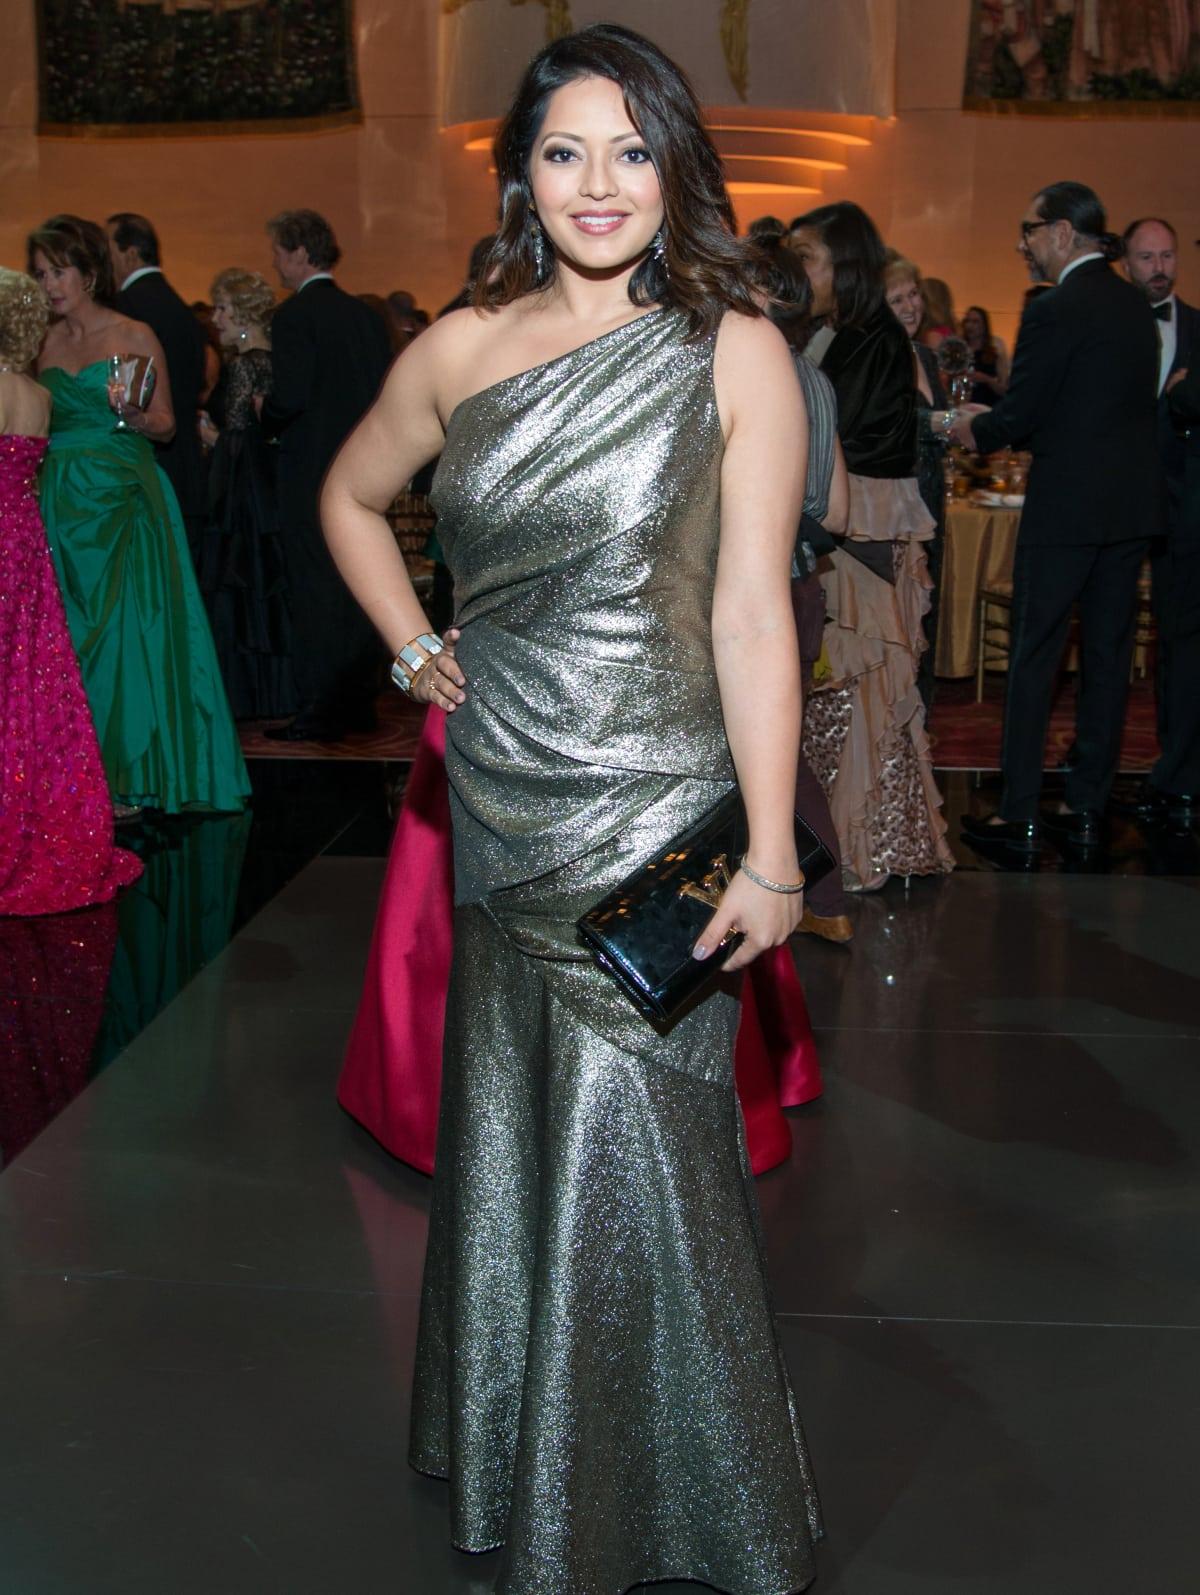 Houston, Ballet Ball gowns, Feb 2017, Rekha Muddaraj in Carmen Marc Valvo